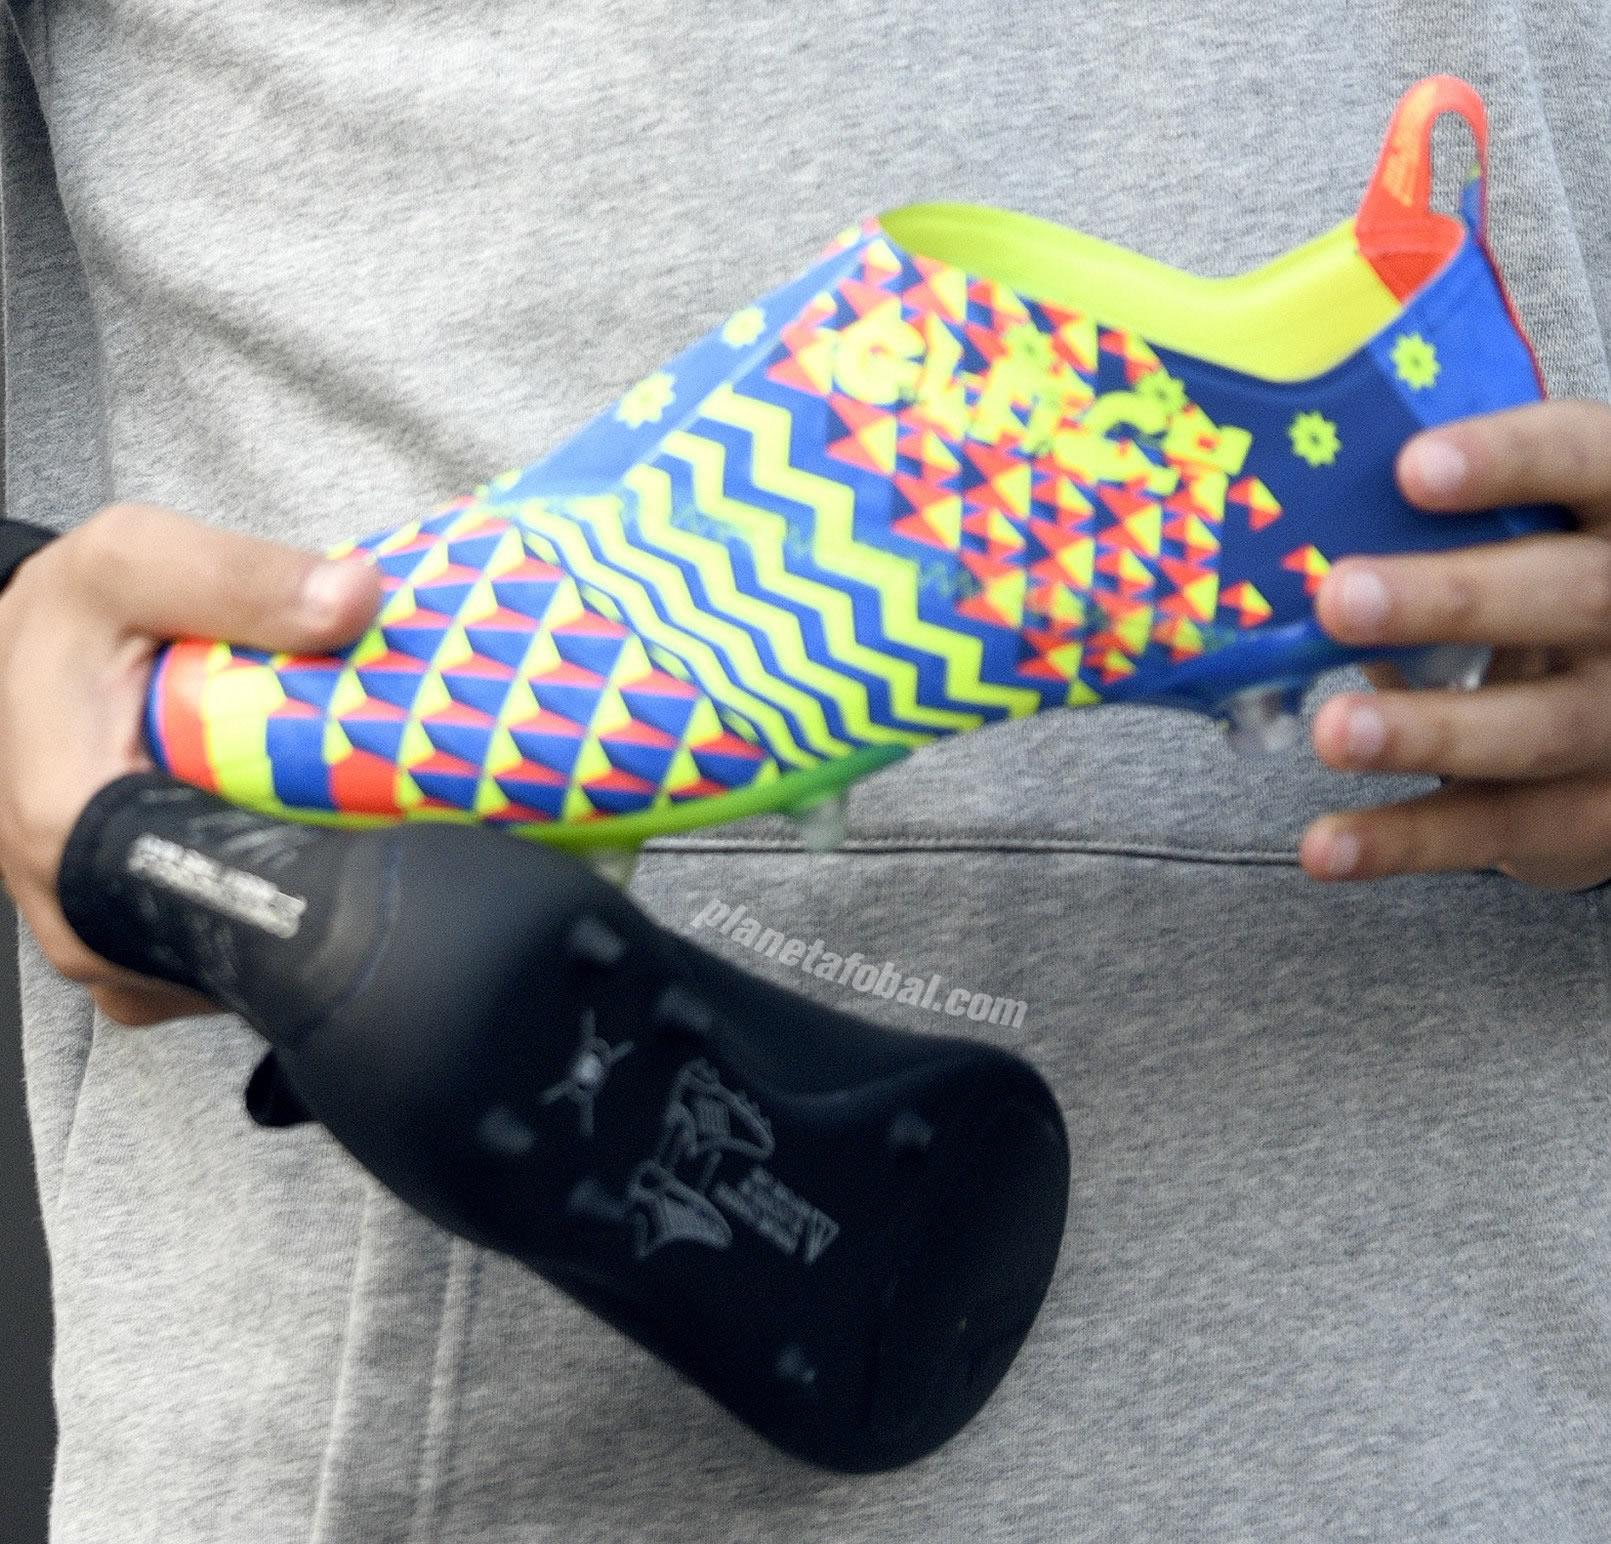 Los botines de Paulo Dybala para el Mundial de Rusia 2018 | Foto Adidas